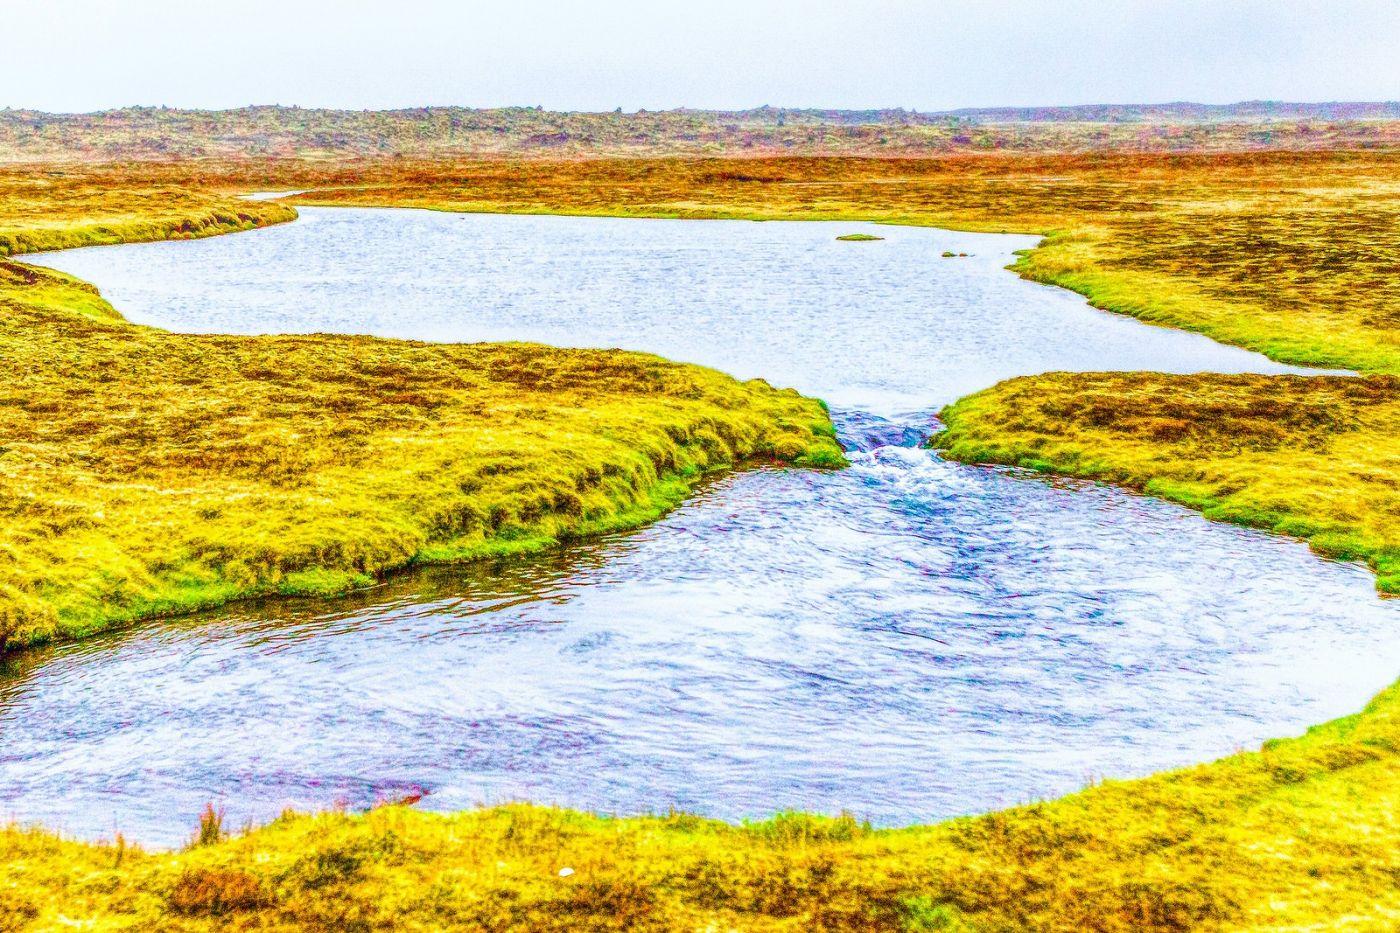 冰岛风采,延伸视野_图1-17